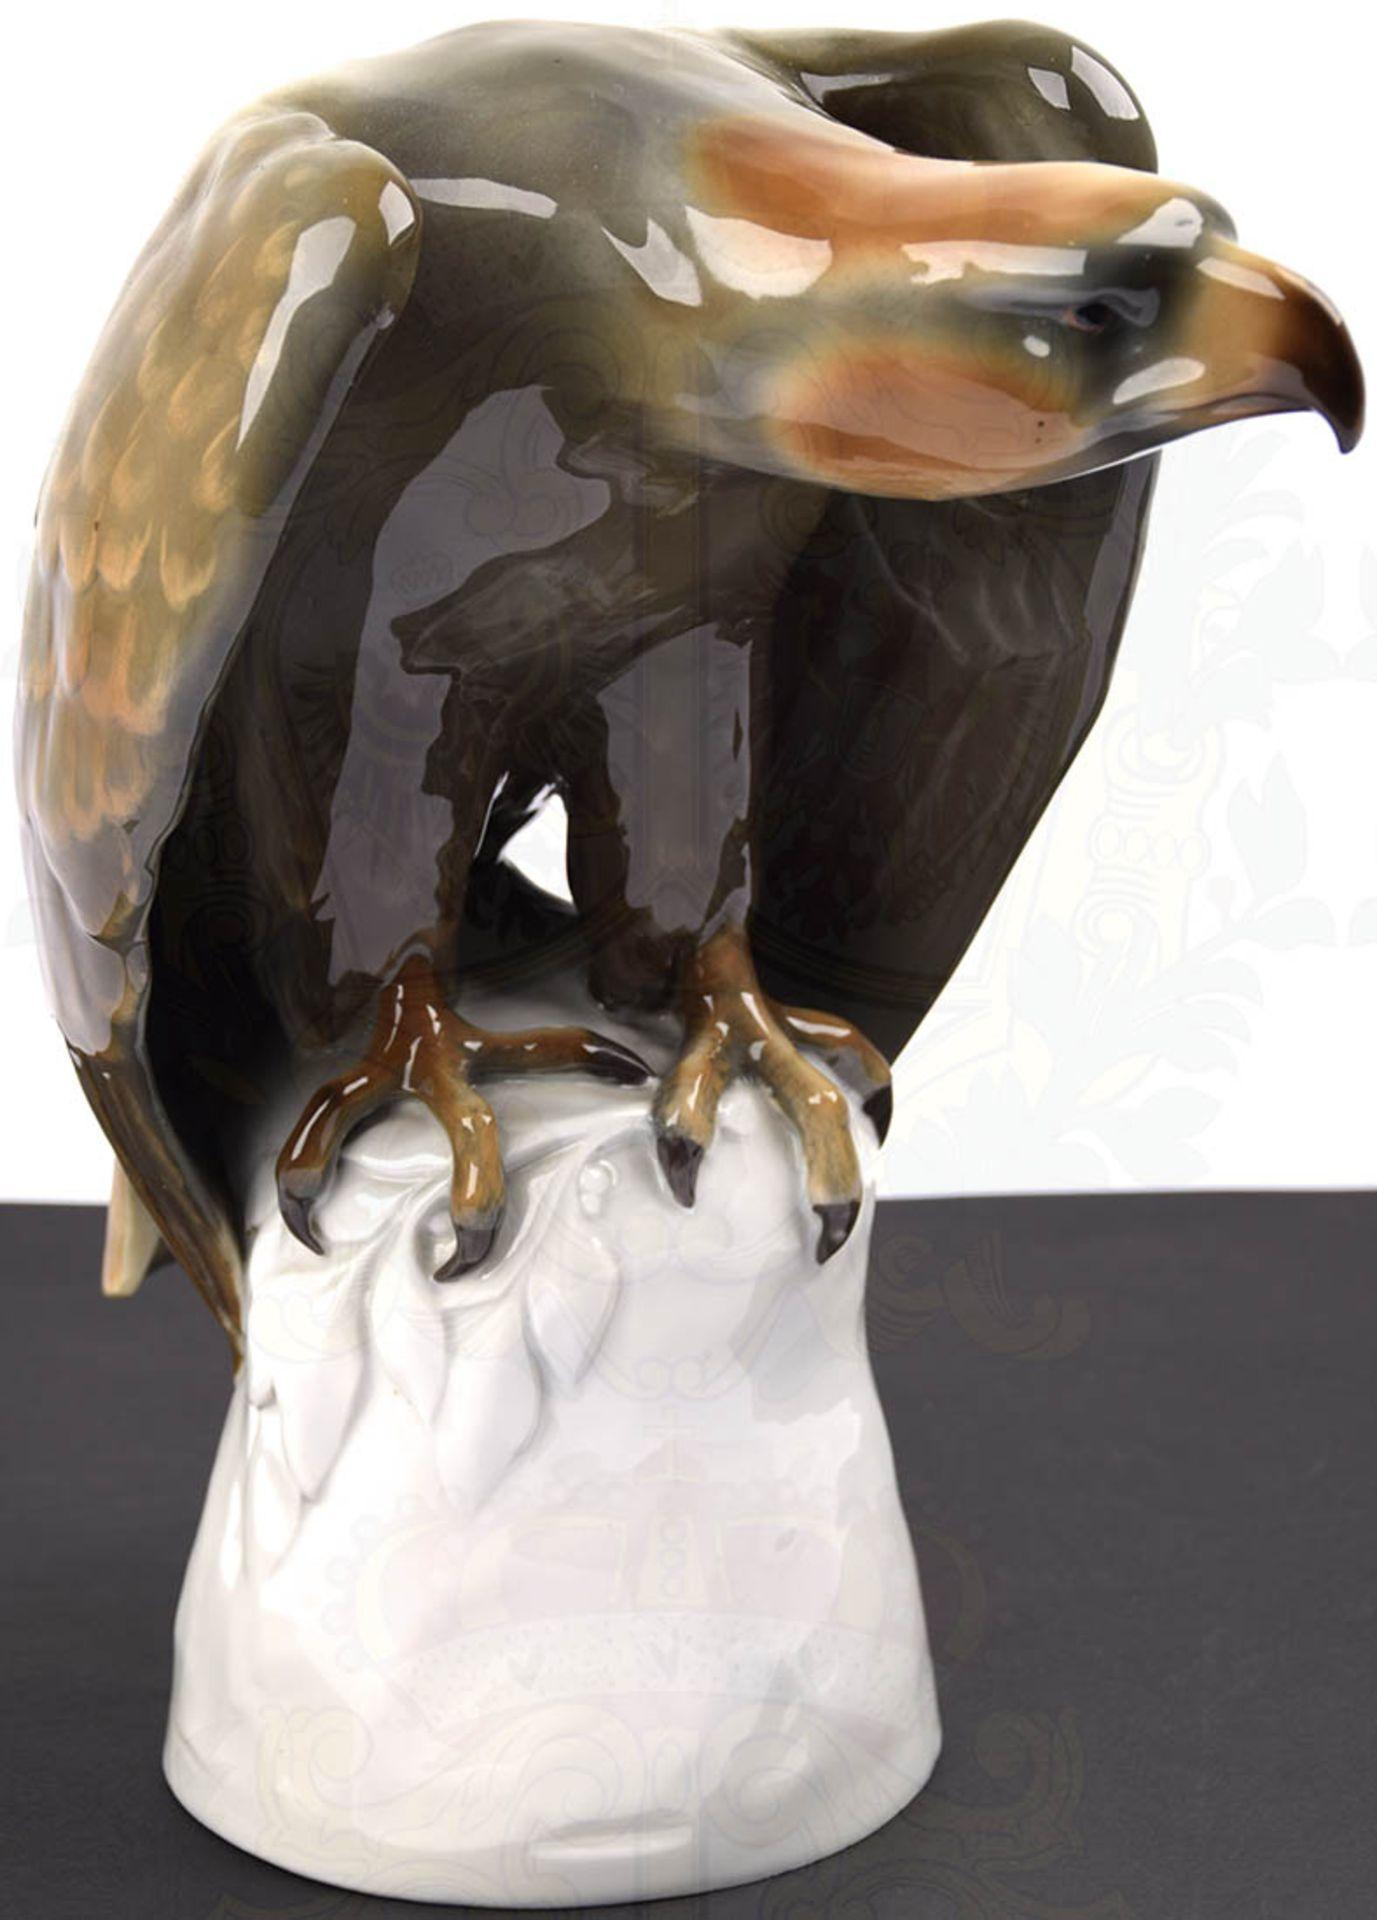 """PLASTIK """"SPÄHENDER ADLER"""", weißes Porzellan, glasiert, Adler farbig gefaßt, Hals und Kopf - Bild 4 aus 6"""